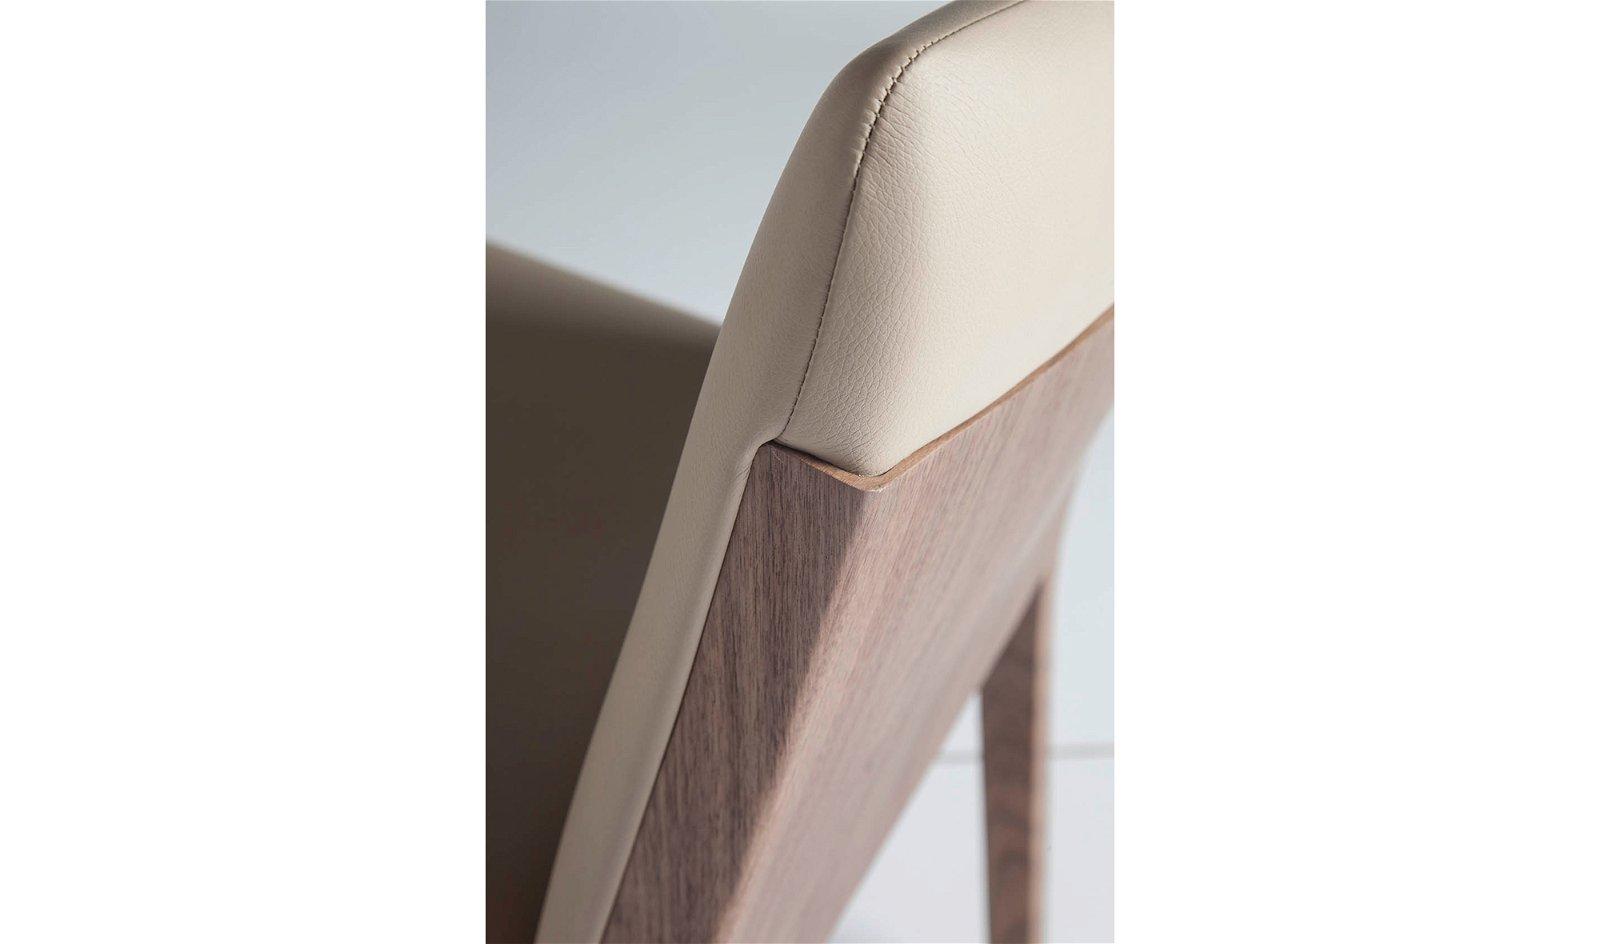 Silla moderna tapizada y nogal Bocalino